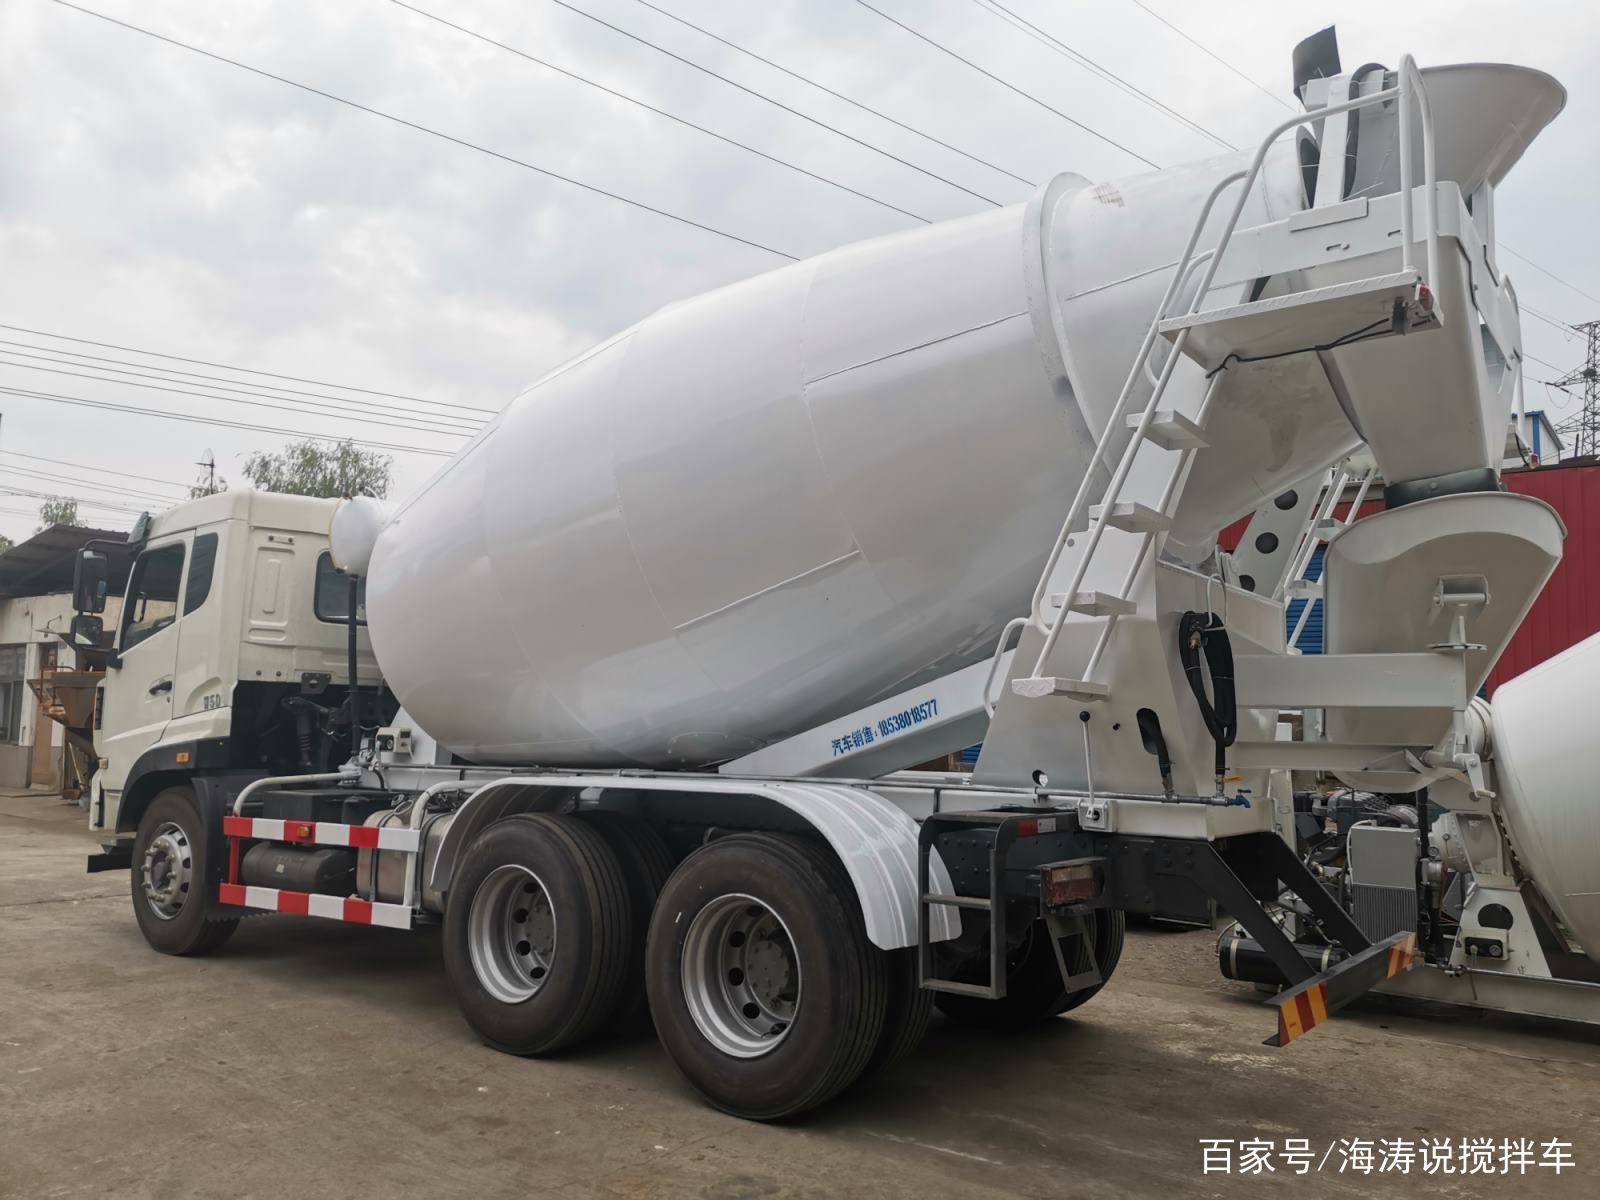 郑州宏宇重工搅拌车|小型搅拌车为什么大多都是白色?(图1)